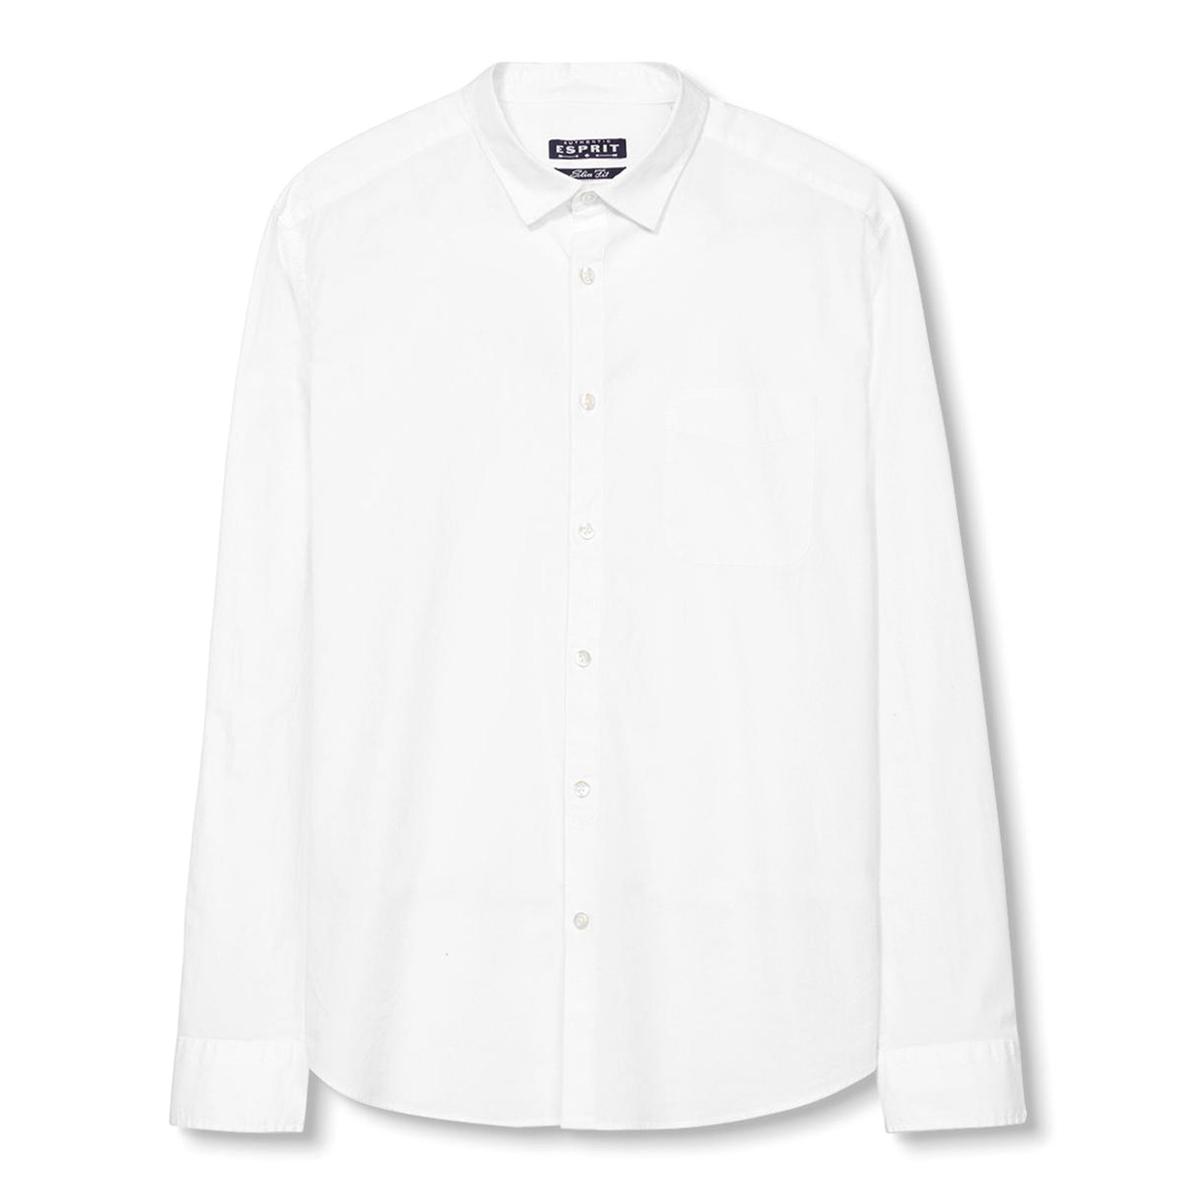 Рубашка с длинными рукавамиРубашка с длинными рукавами - ESPRIT.  Прямой покрой, классический воротник. Нагрудный карман. Застёжка на пуговицы, манжеты с застёжкой на пуговицы.Состав и описаниеМатериал: 97% хлопка, 3% эластана. Марка: ESPRIT.<br><br>Цвет: белый<br>Размер: L